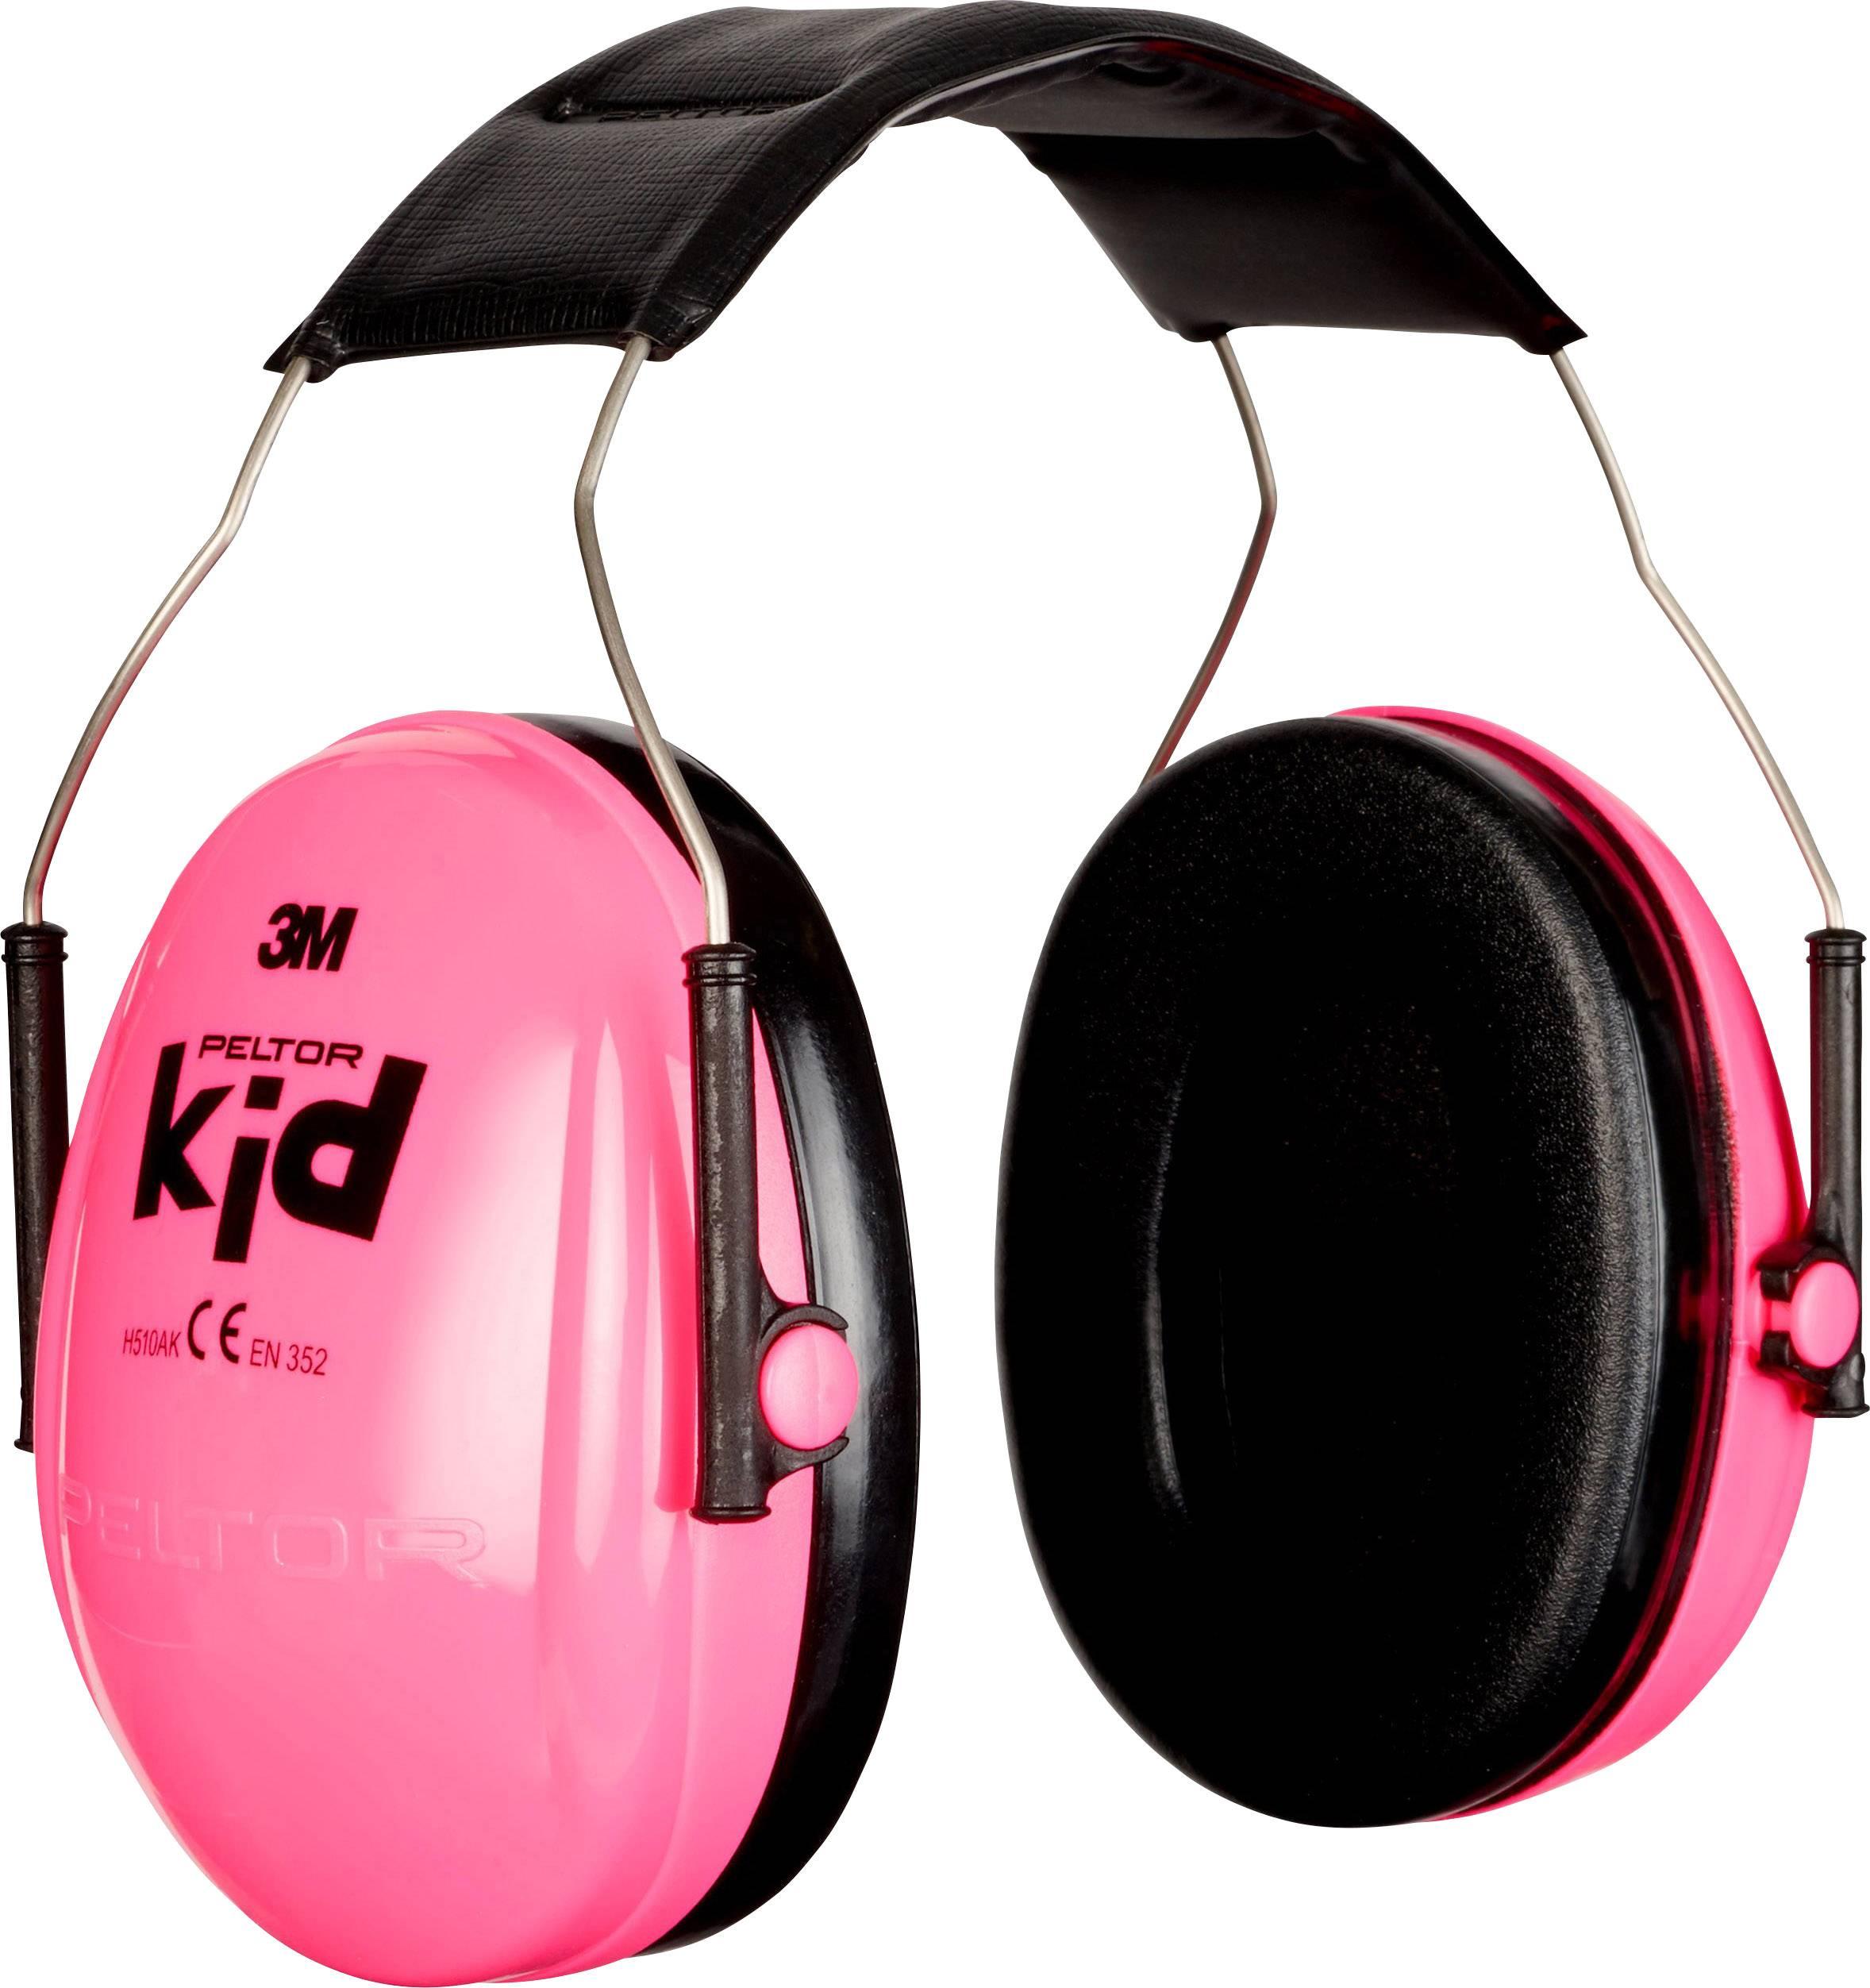 Mušľový chránič sluchu 3M Peltor Kid KIDR, 27 dB, 1 ks